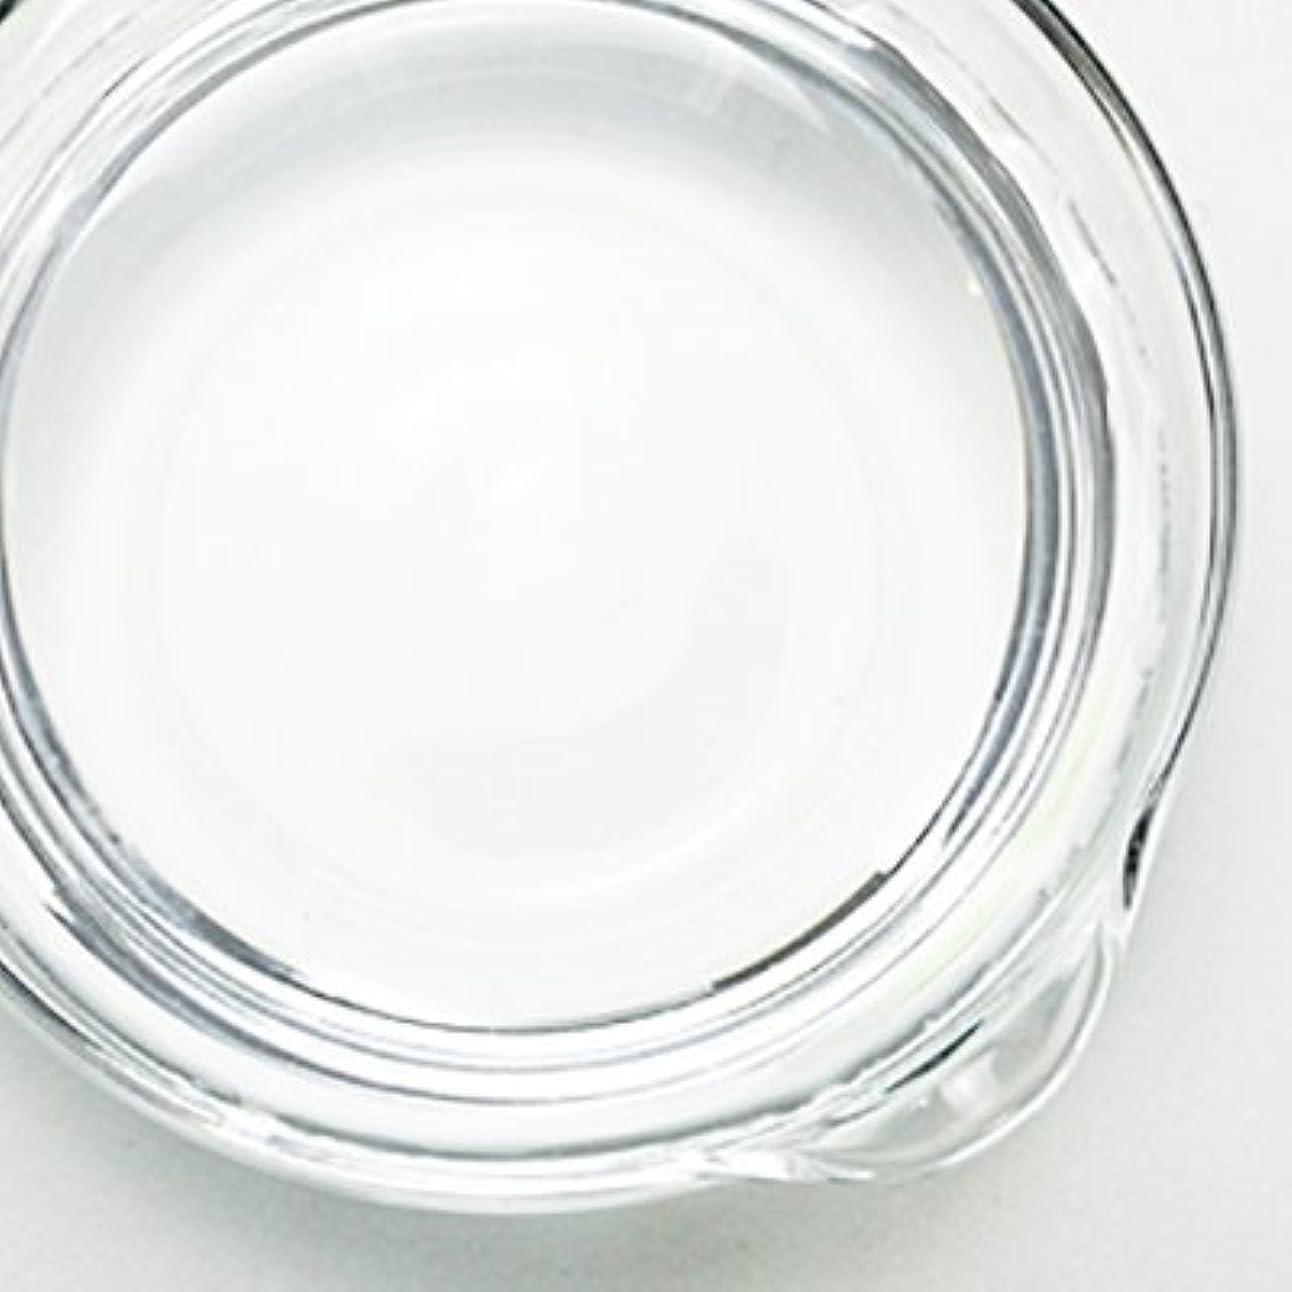 超えて動的懺悔1,3-プロパンジオール[PG] 100ml 【手作り石鹸/手作りコスメ】